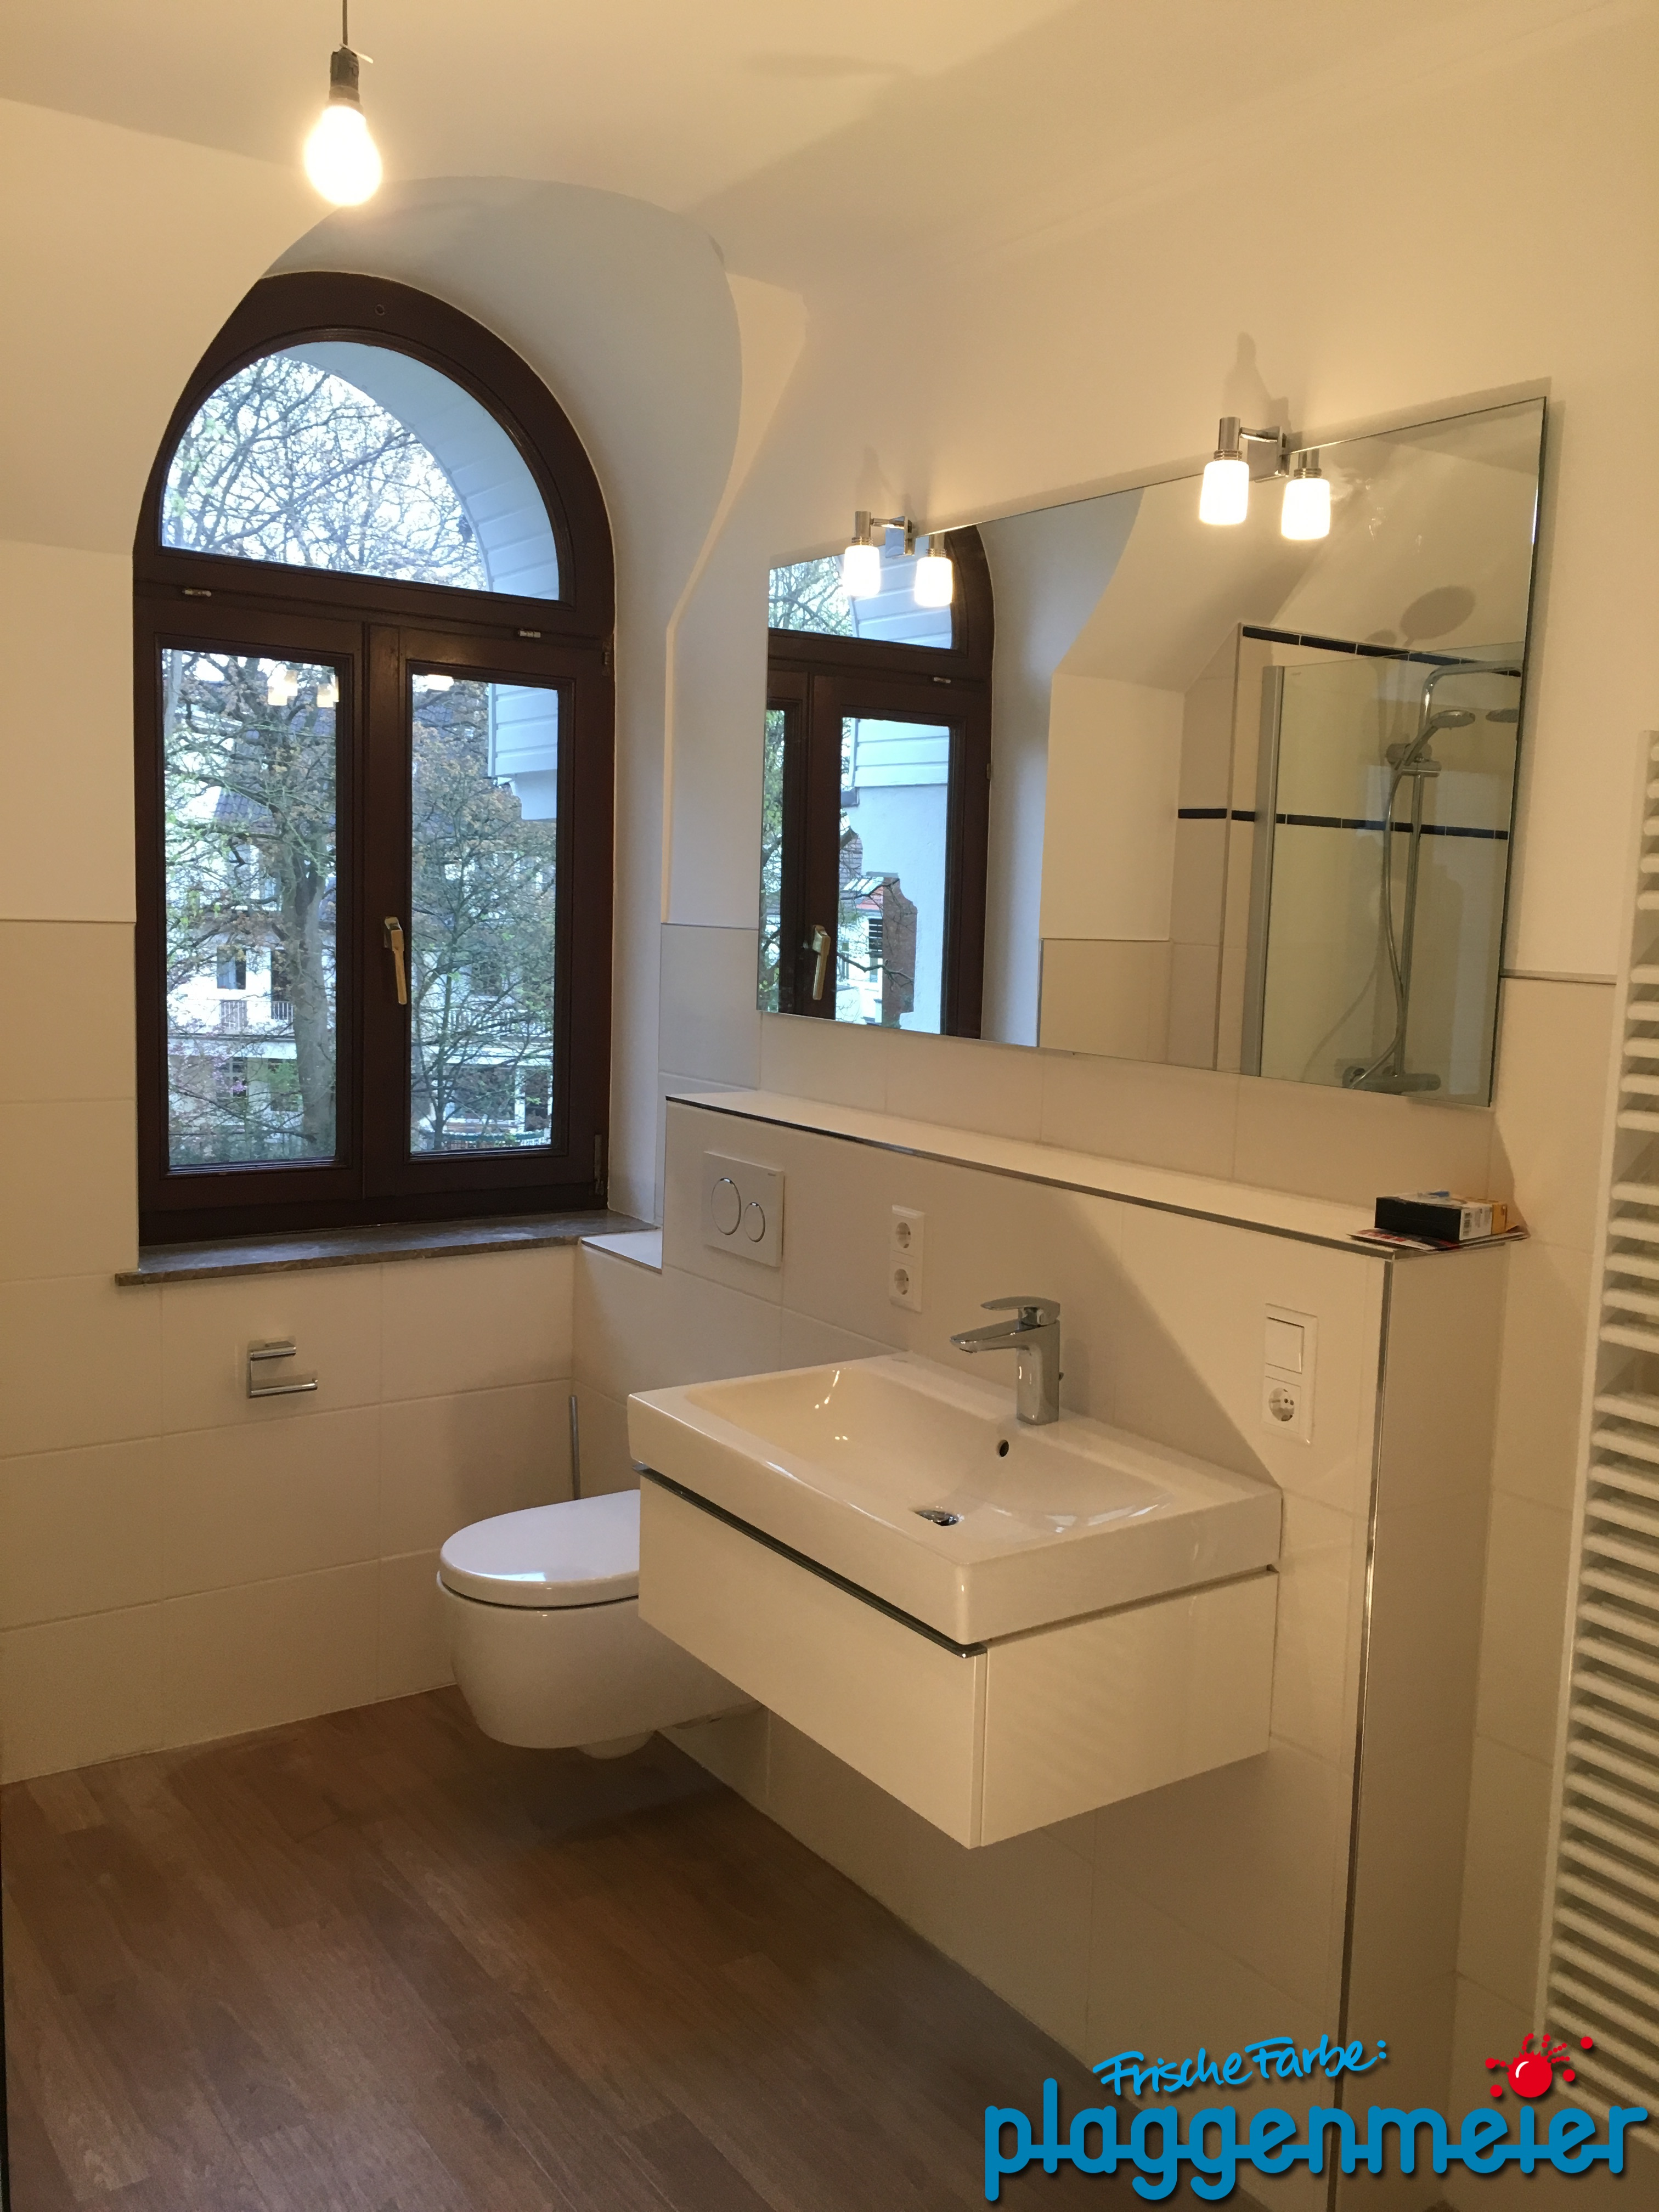 Wohnraum Badezimmer: Luxus Heisst, Auch Nutzräume Als Wohnräume Zu  Begreifen.